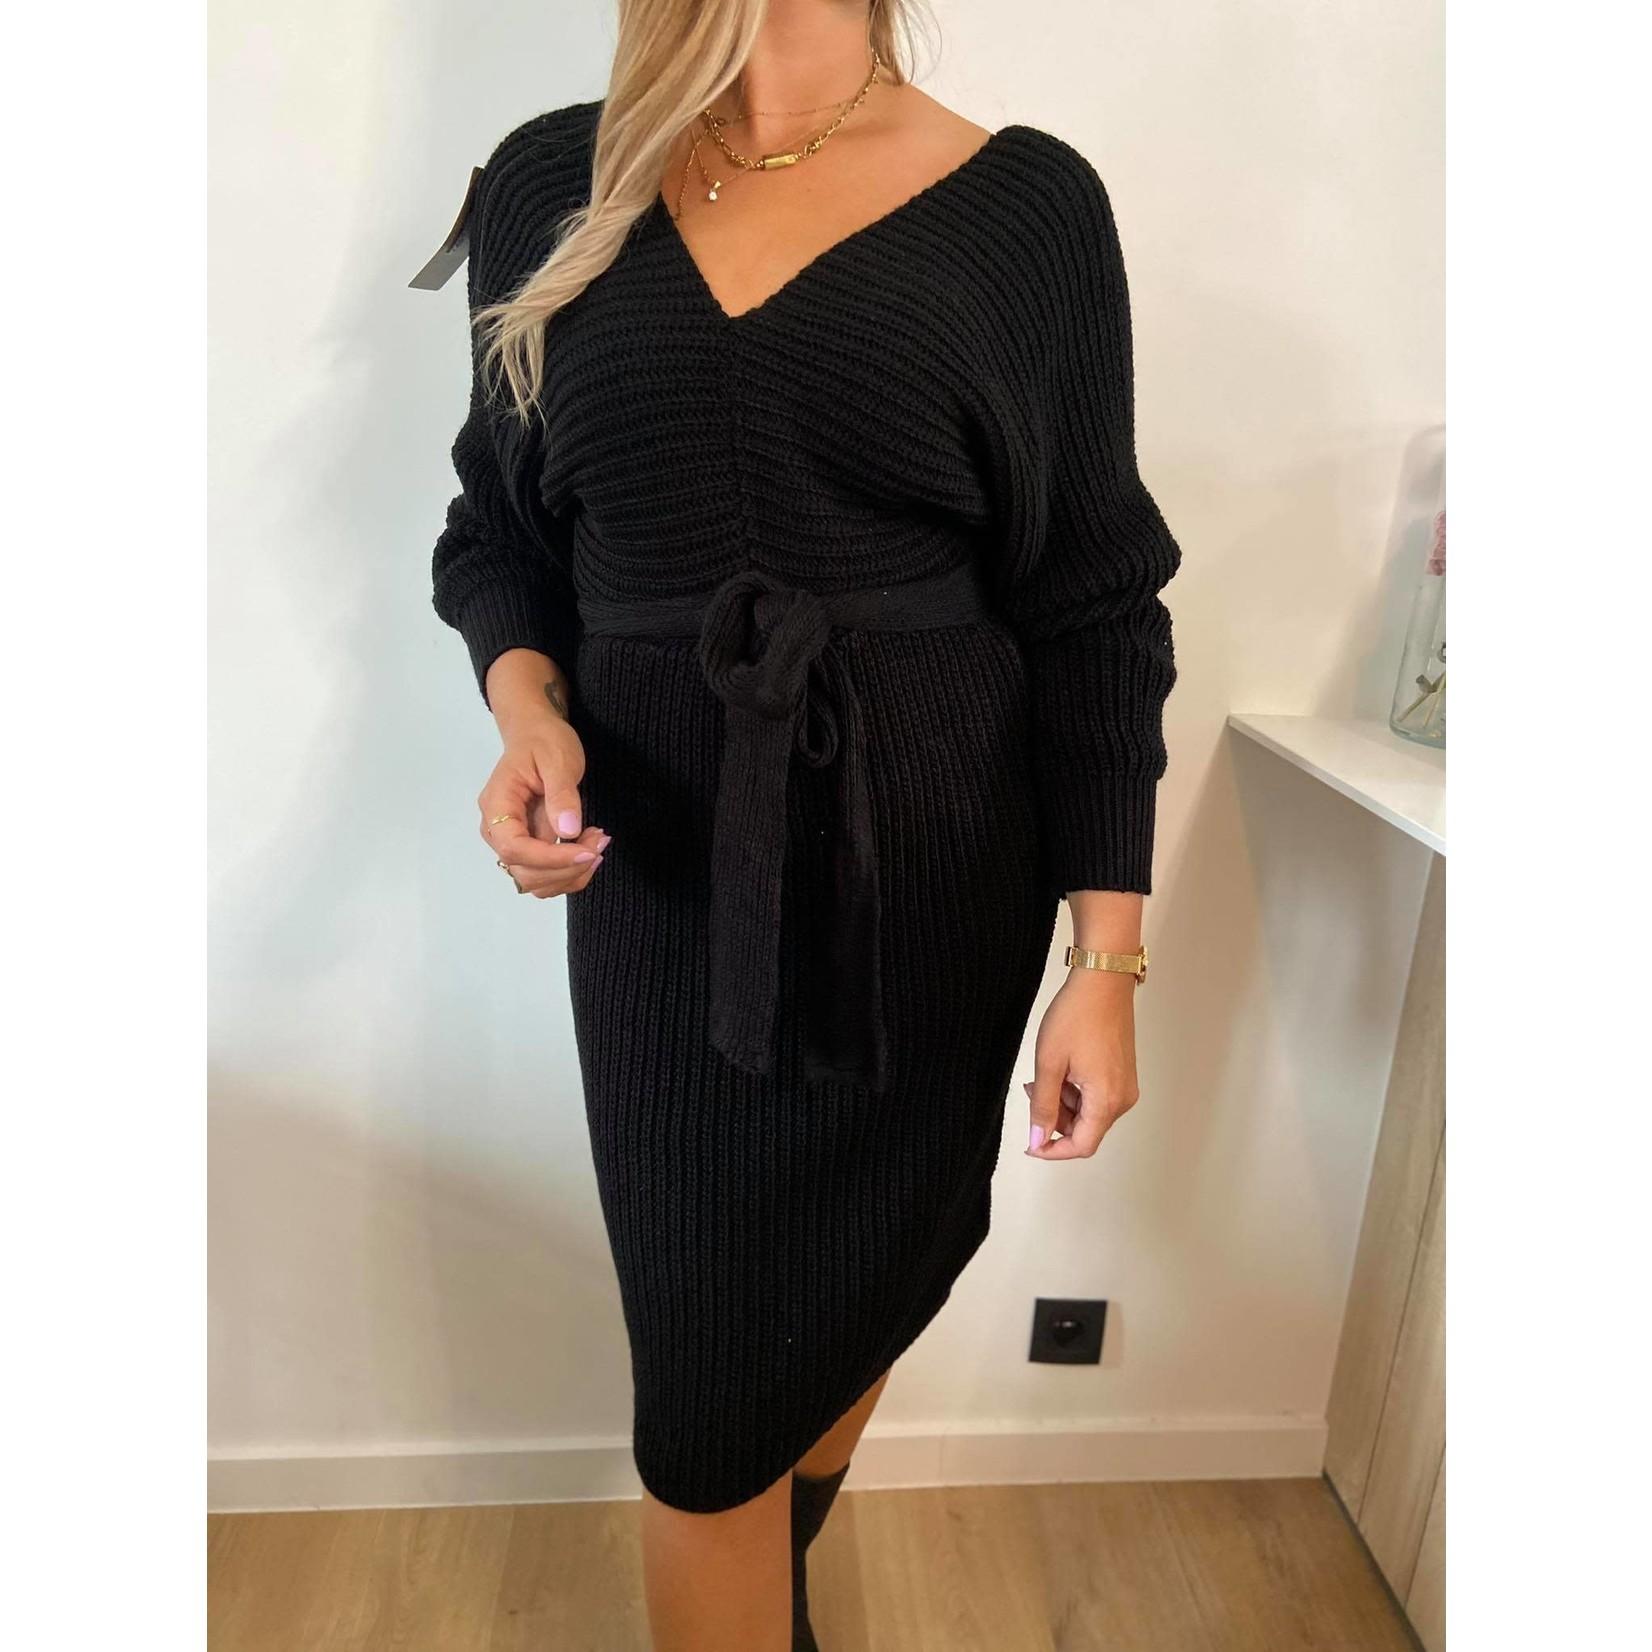 Knit dress jolie black TU